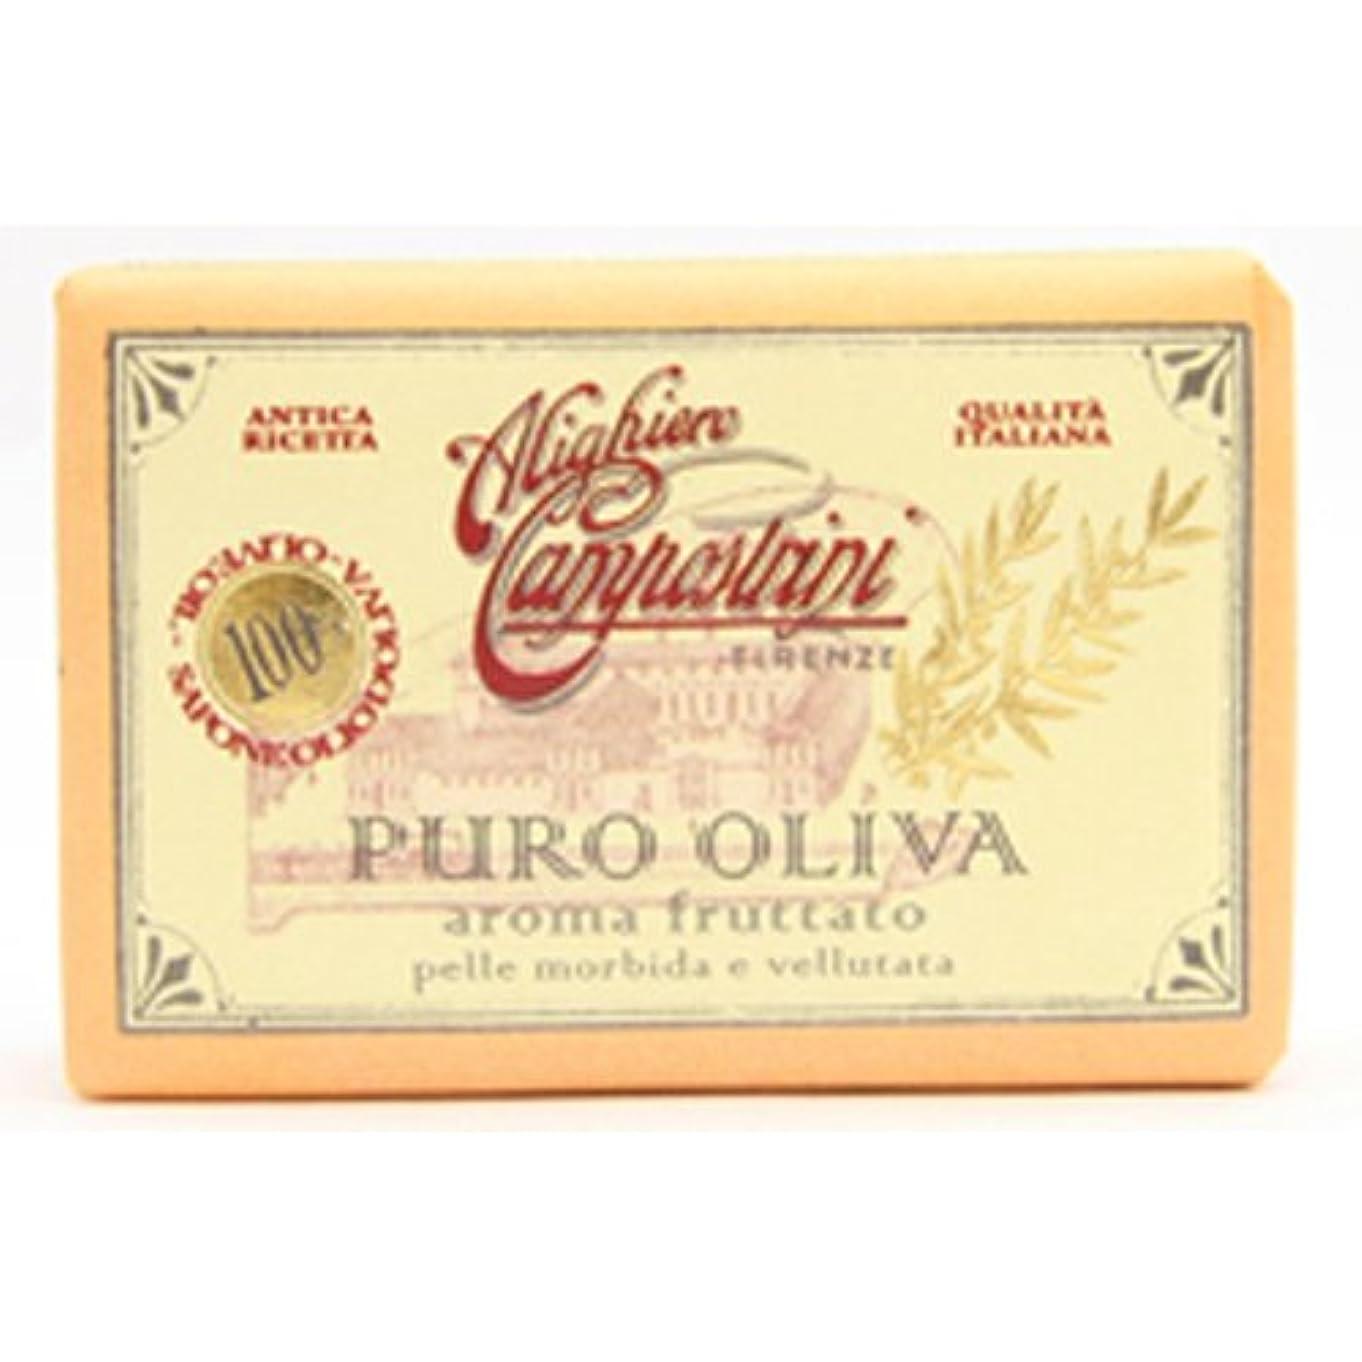 空洞適応的メキシコSaponerire Fissi サポネリーフィッシー PURO OLIVA Soap オリーブオイル ピュロ ソープ Aroma fruttato フルーツ(オレンジ)